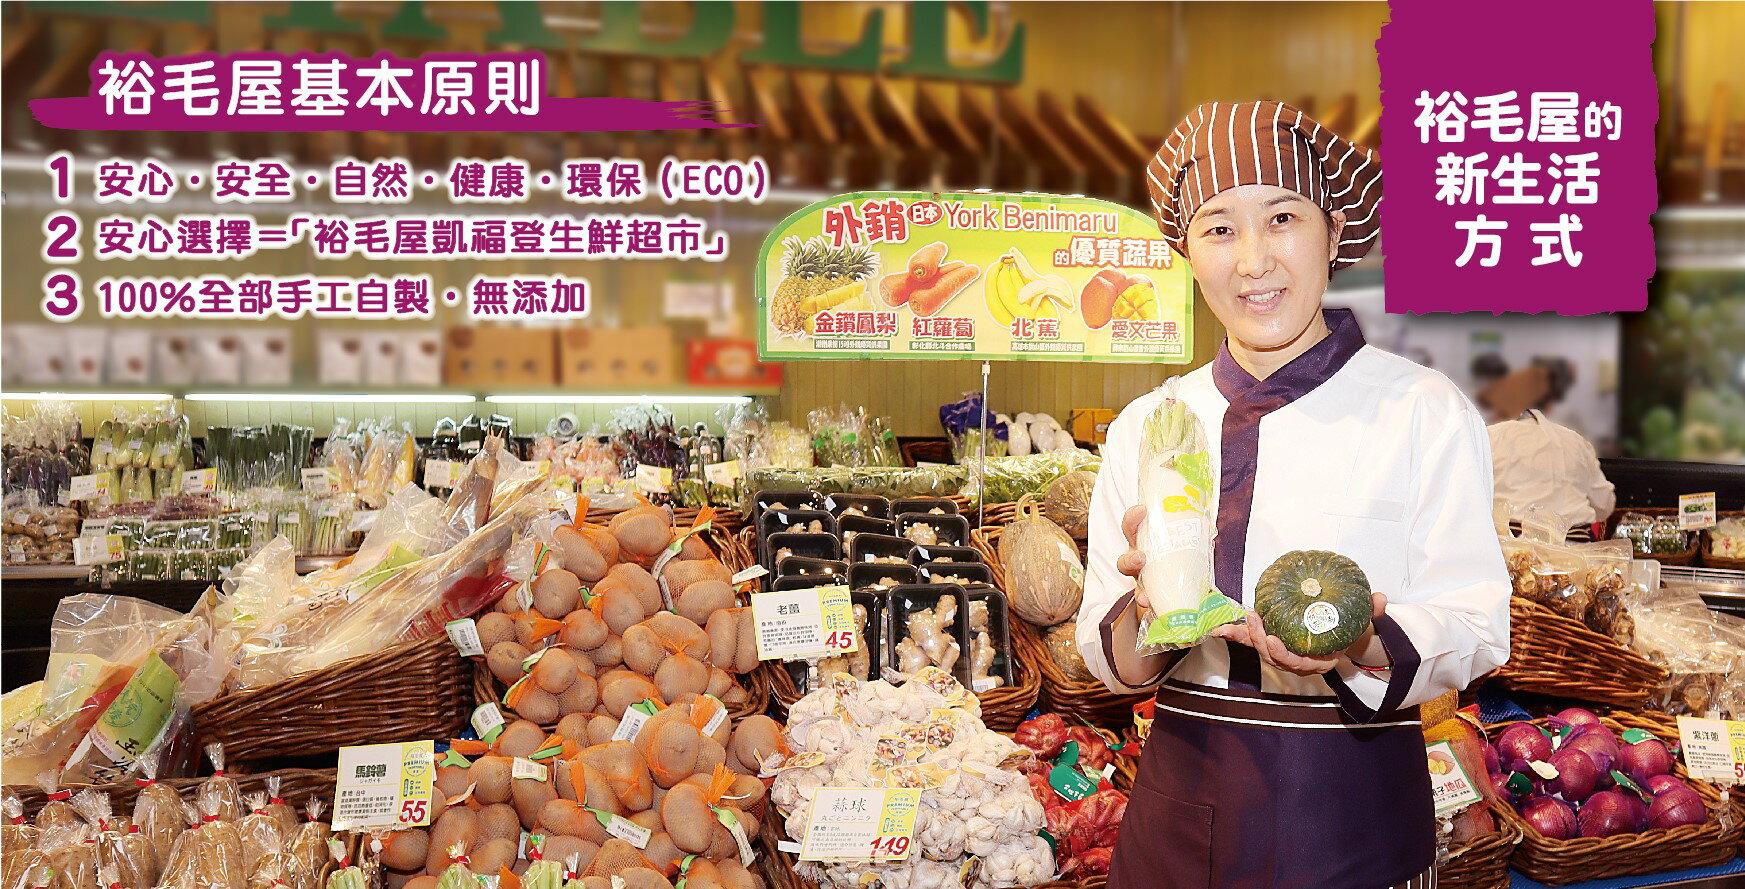 生鮮 市場